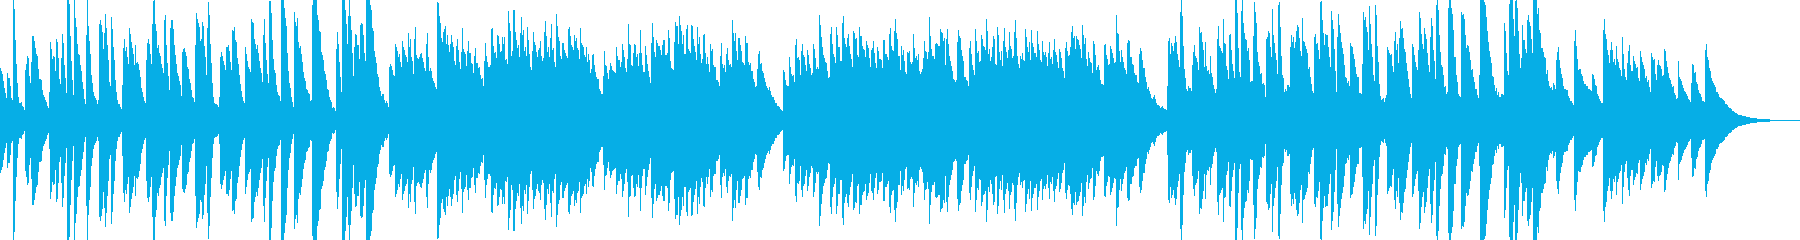 ピアノの音色と旋律が特徴的なアンビエントの再生済みの波形